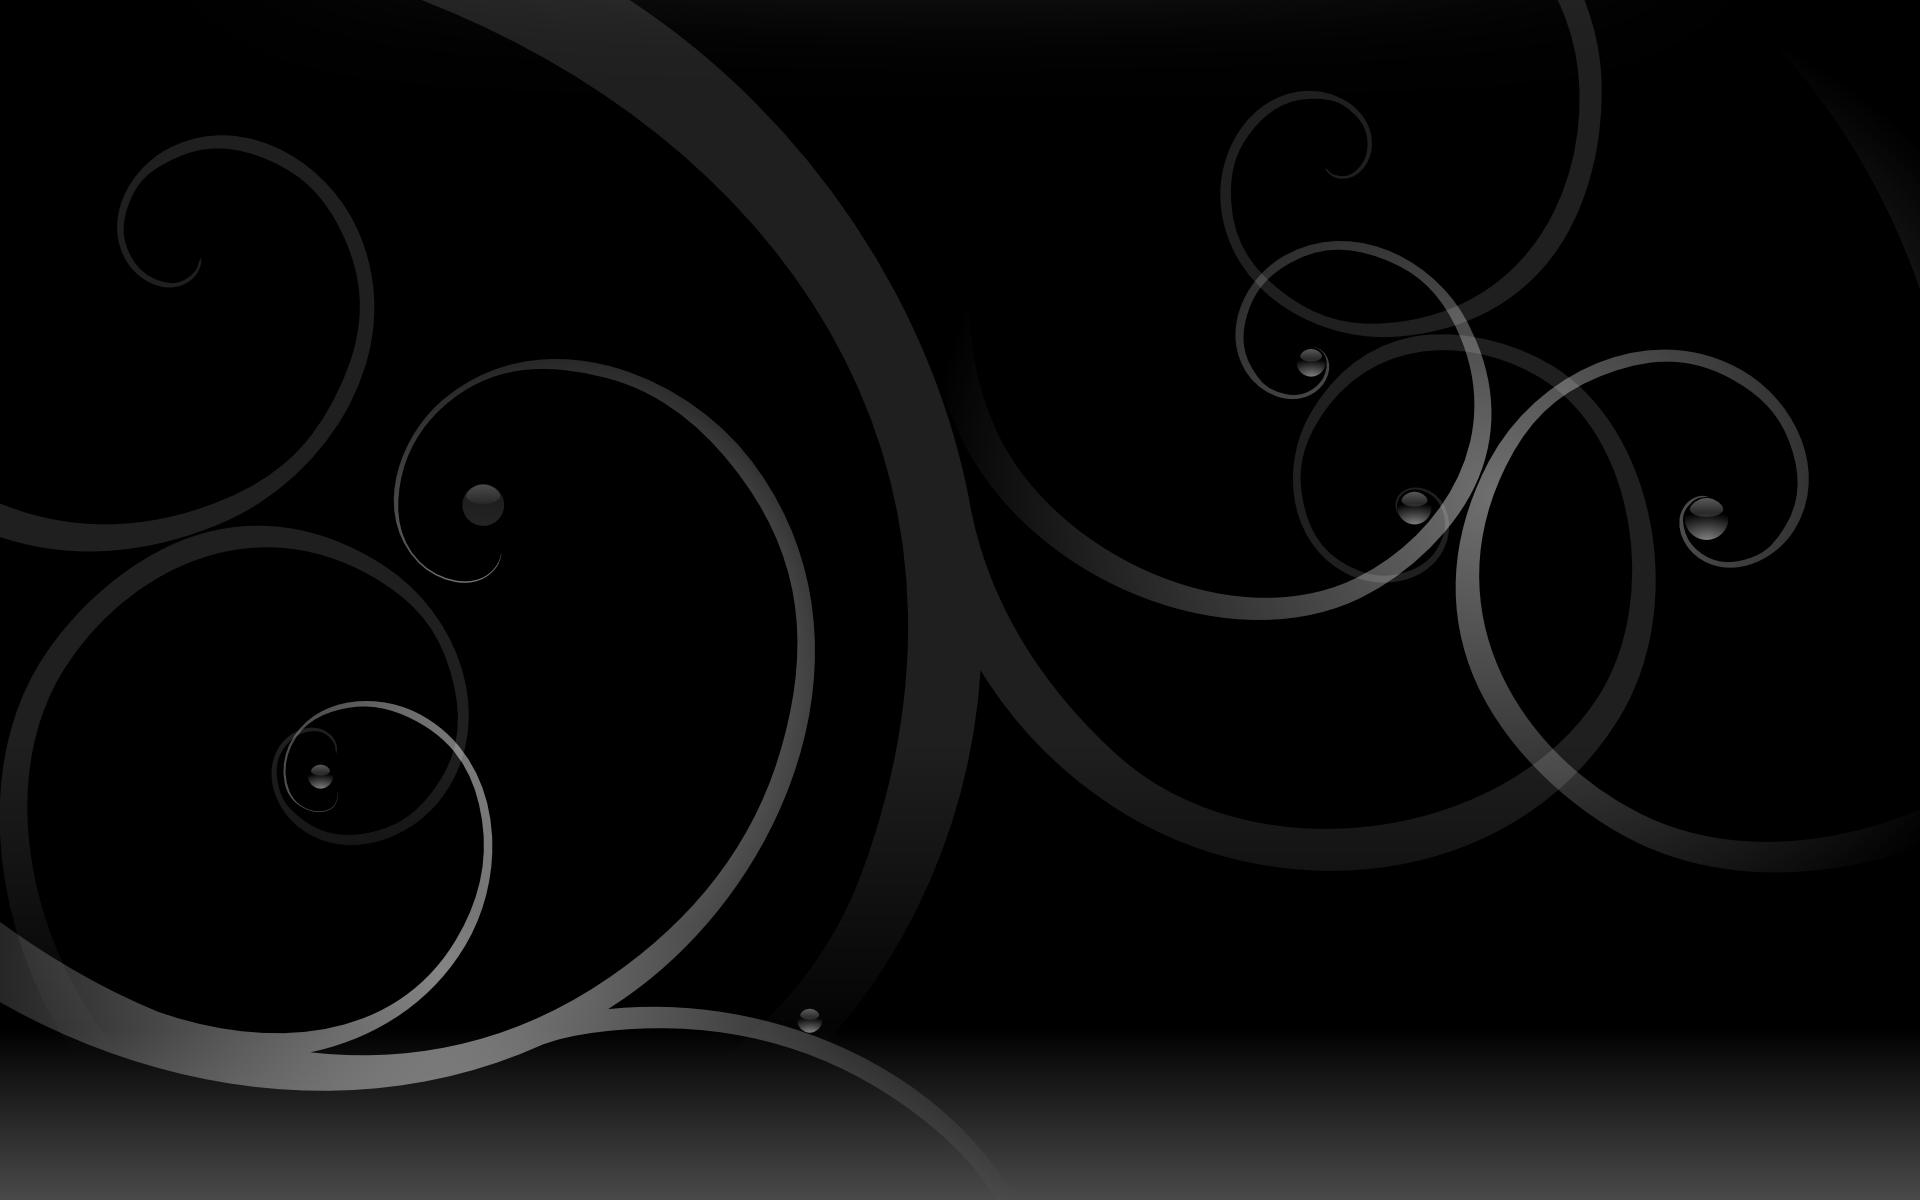 Black swirls wallpaper   73530 1920x1200